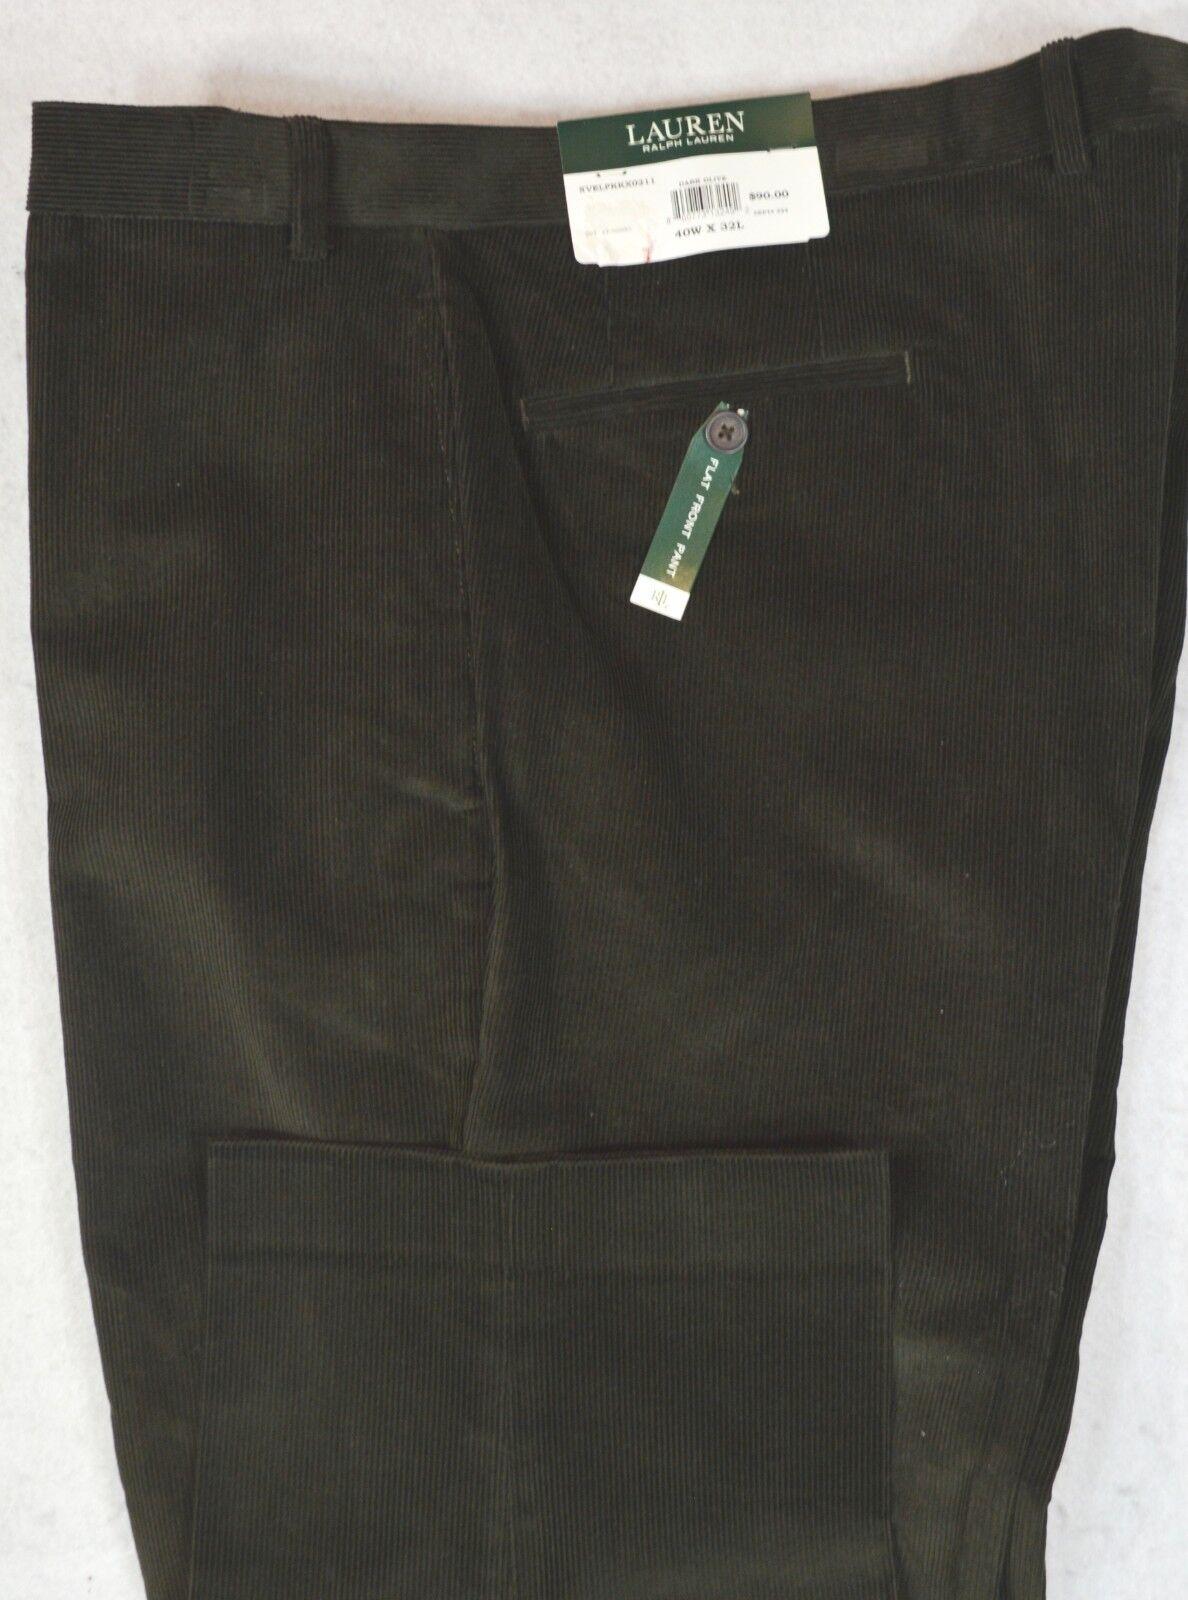 LAUREN Ralph Lauren Corduroy Flat Front Olive Dress Cords Pants 42 32 NWT